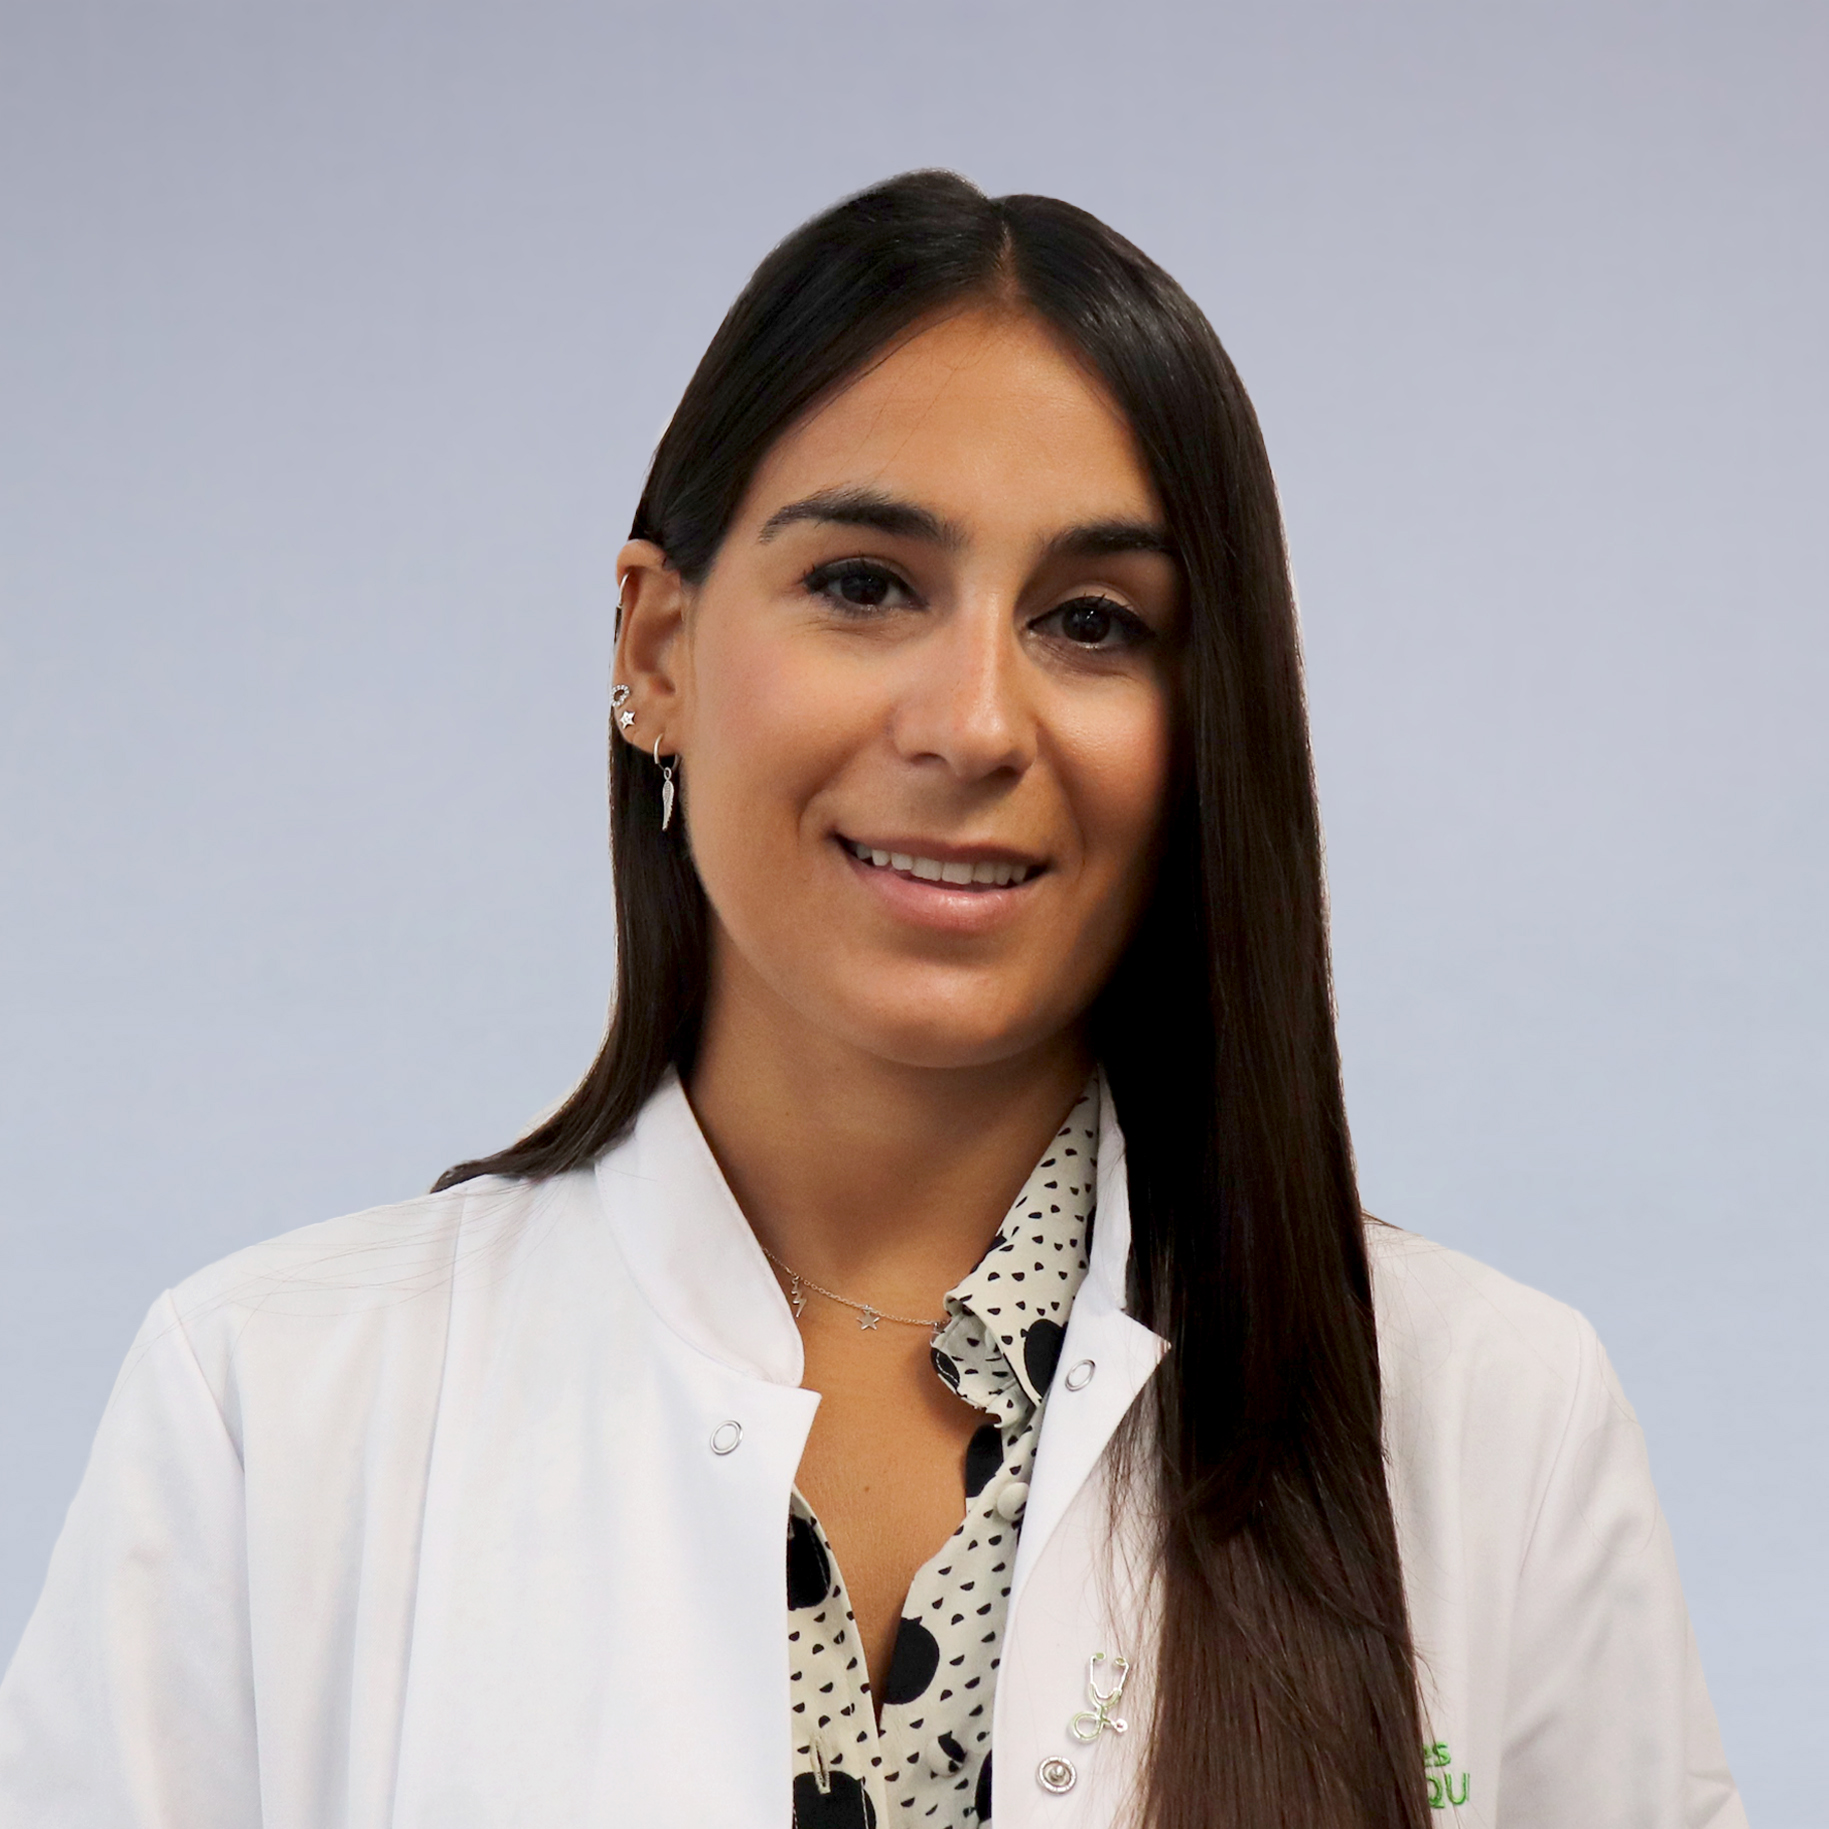 María de los Ángeles  Martín Domínguez